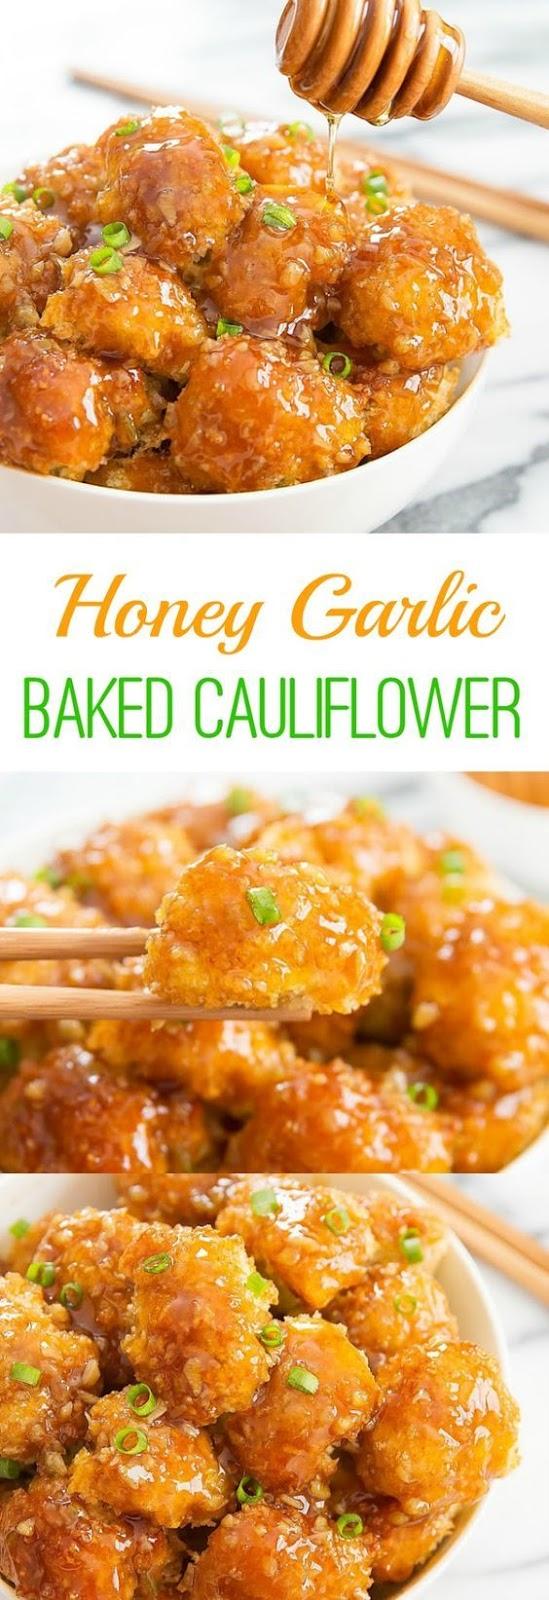 HONEY GARLIC BAKED CAULIFLOWER #honey #garlic #baked #cauliflower #veggies #veganrecipes #vegetarian #vegetarianrecipes